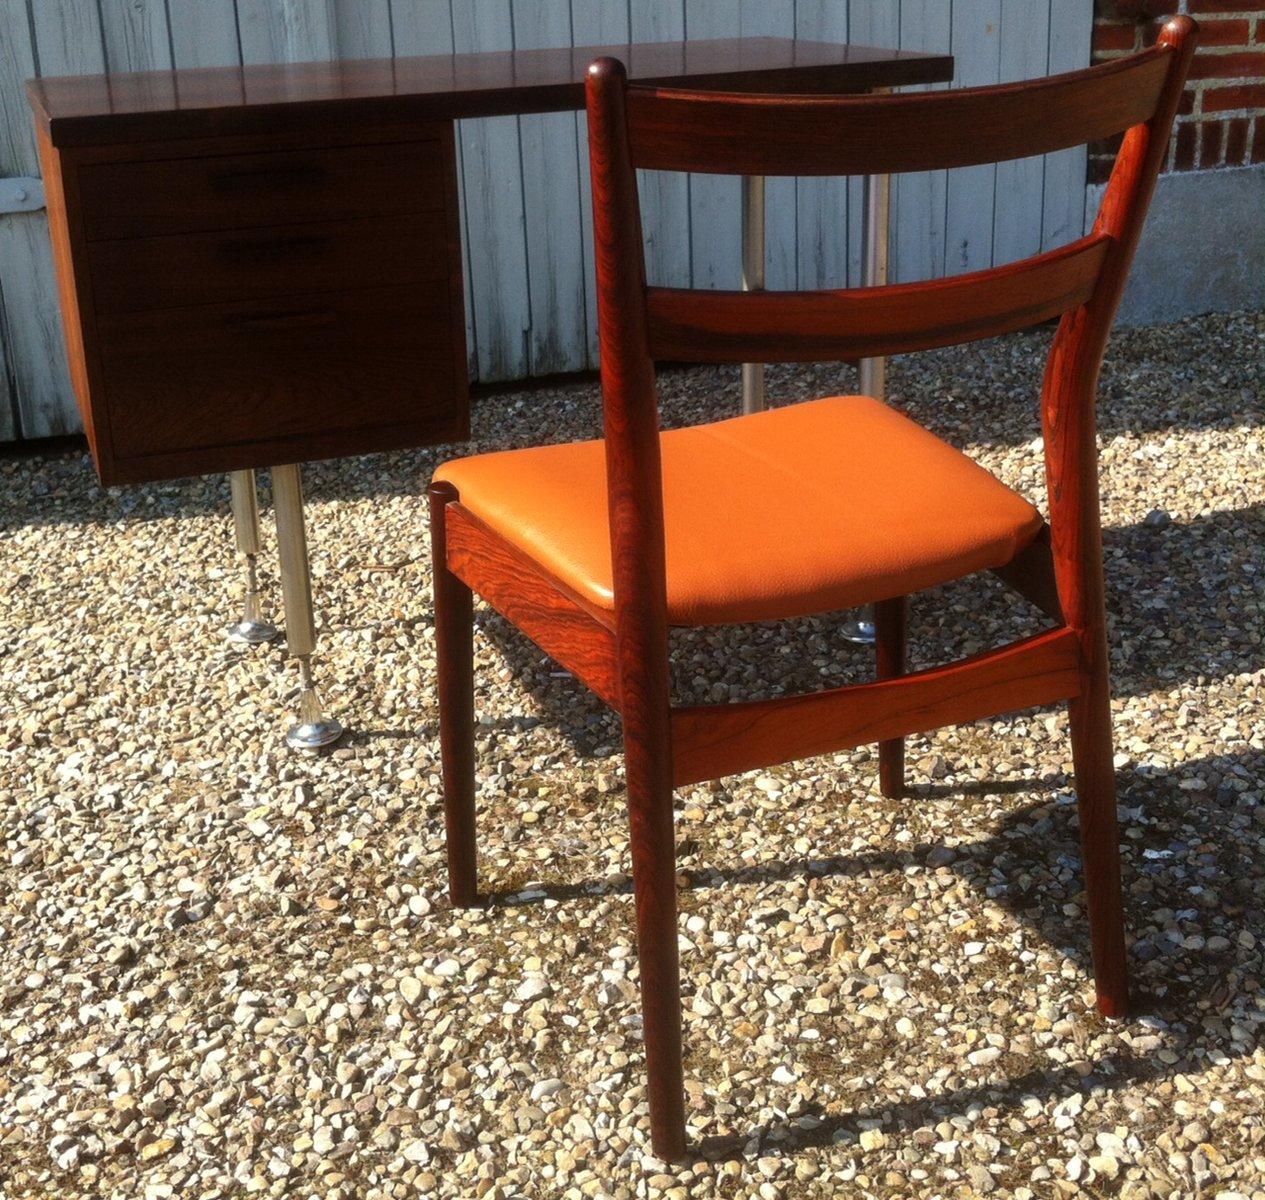 kleiner d nischer moderner palisander schreibtisch mit stuhl aus palisander von arne vodder bei. Black Bedroom Furniture Sets. Home Design Ideas